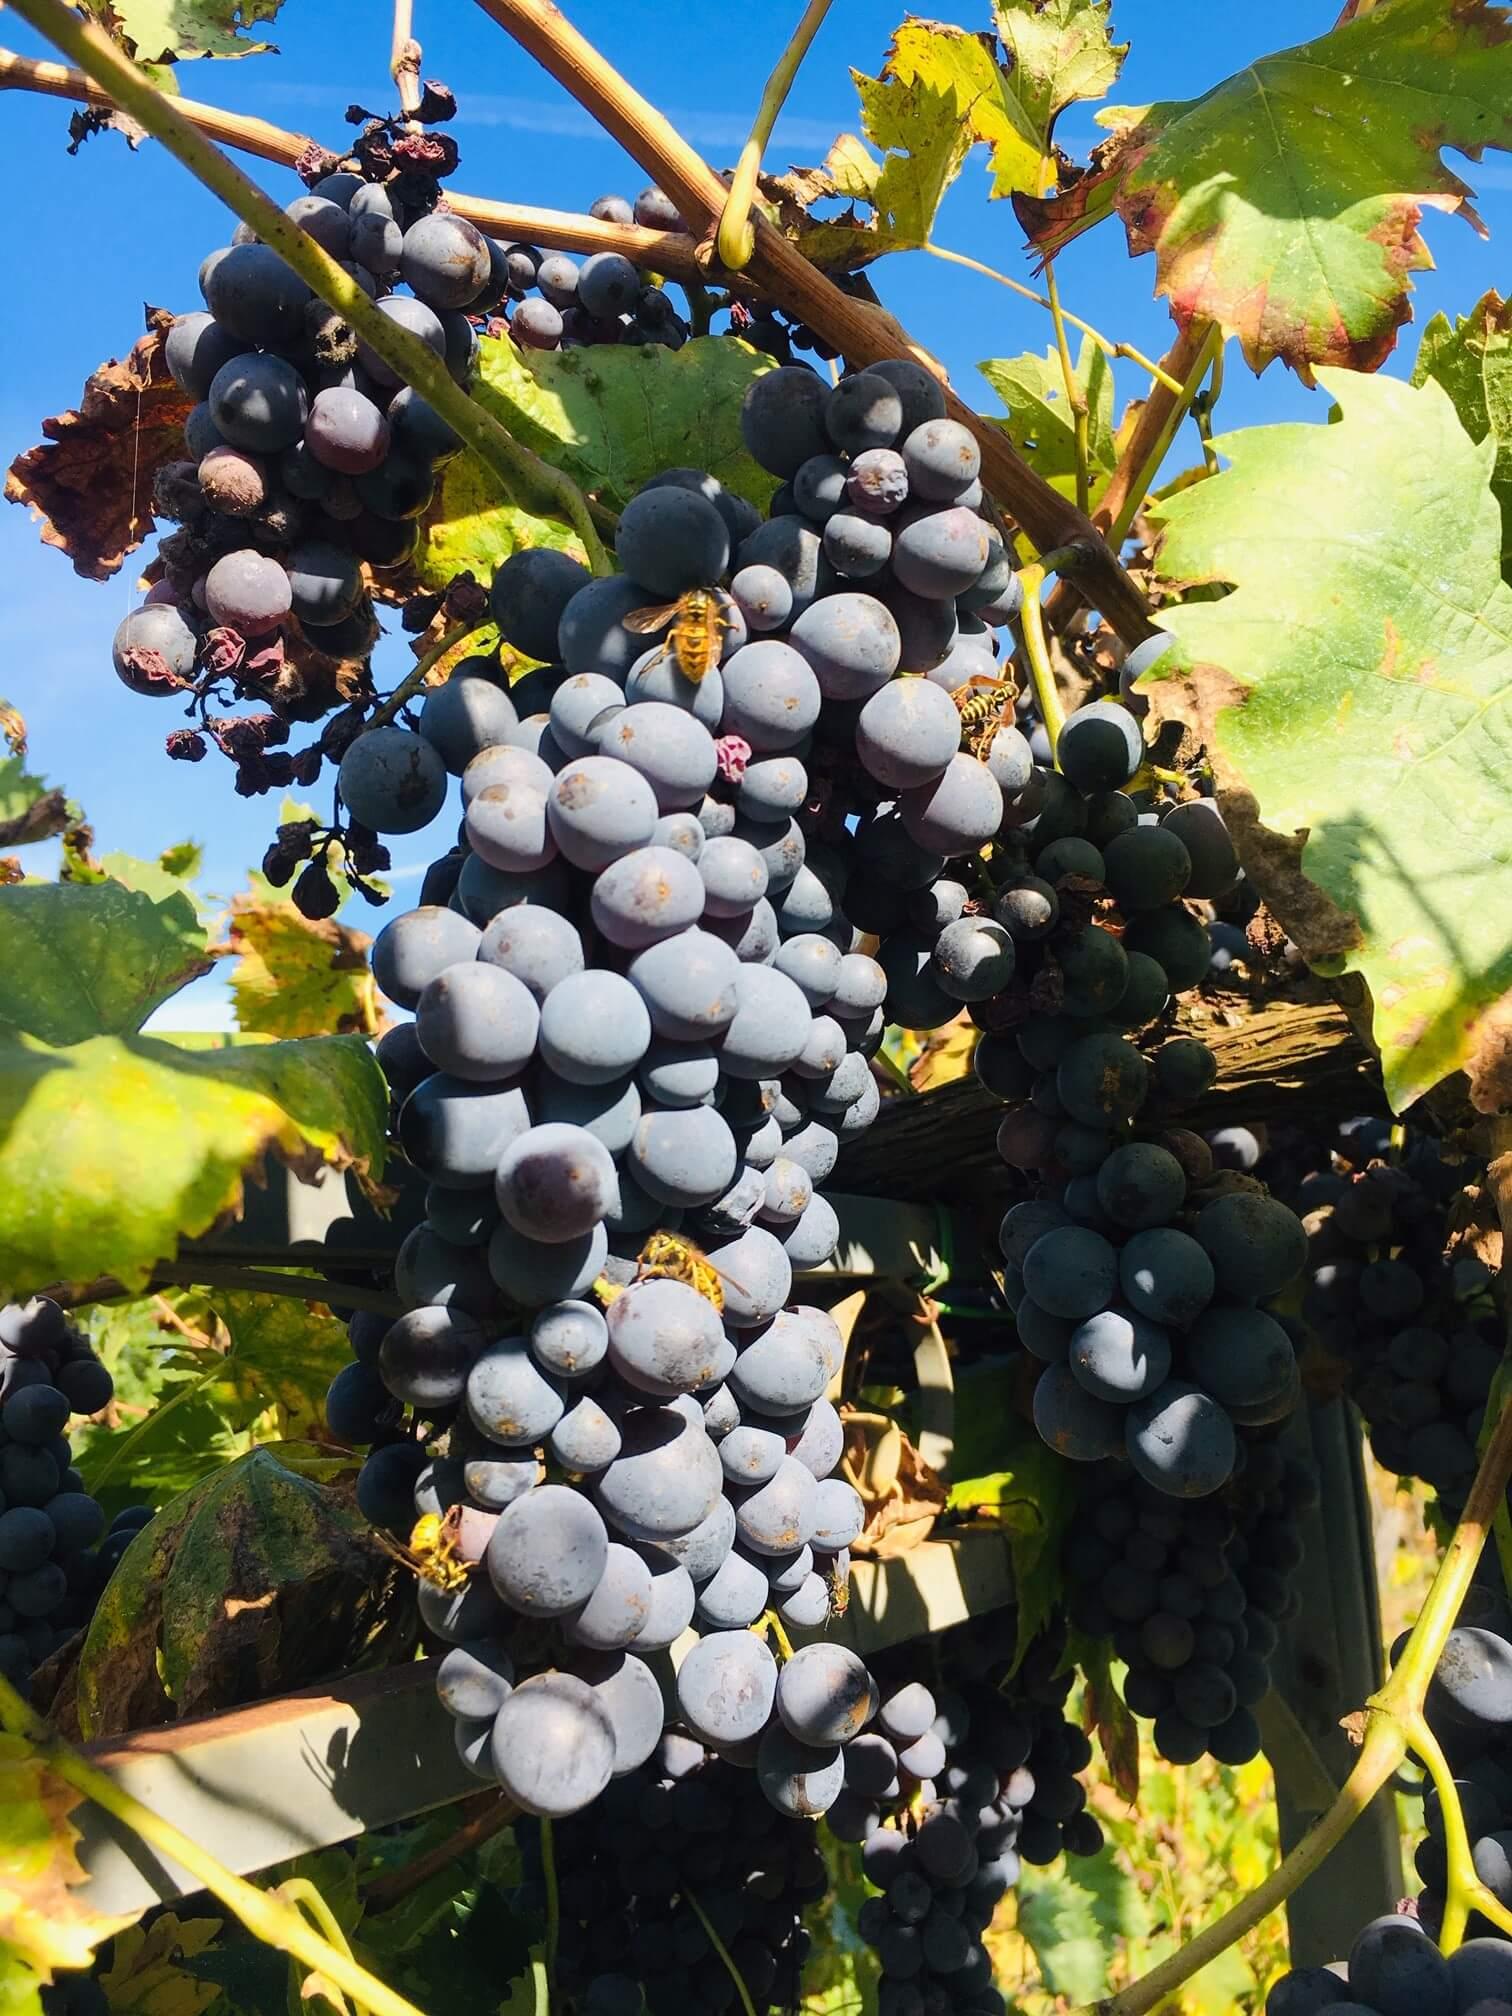 Har du hørt, luktet eller sett druer som gjærer? Vi har nå druemost som kan gi 1300 liter vin i vinkjelleren på vingården i Italia. Der er alltid like spennende - om fermenteringen kommer i gang. For druene må som kjent gjære for at den skal bli til vin. I innlegget får du se det koke - små og store bobler bruser.